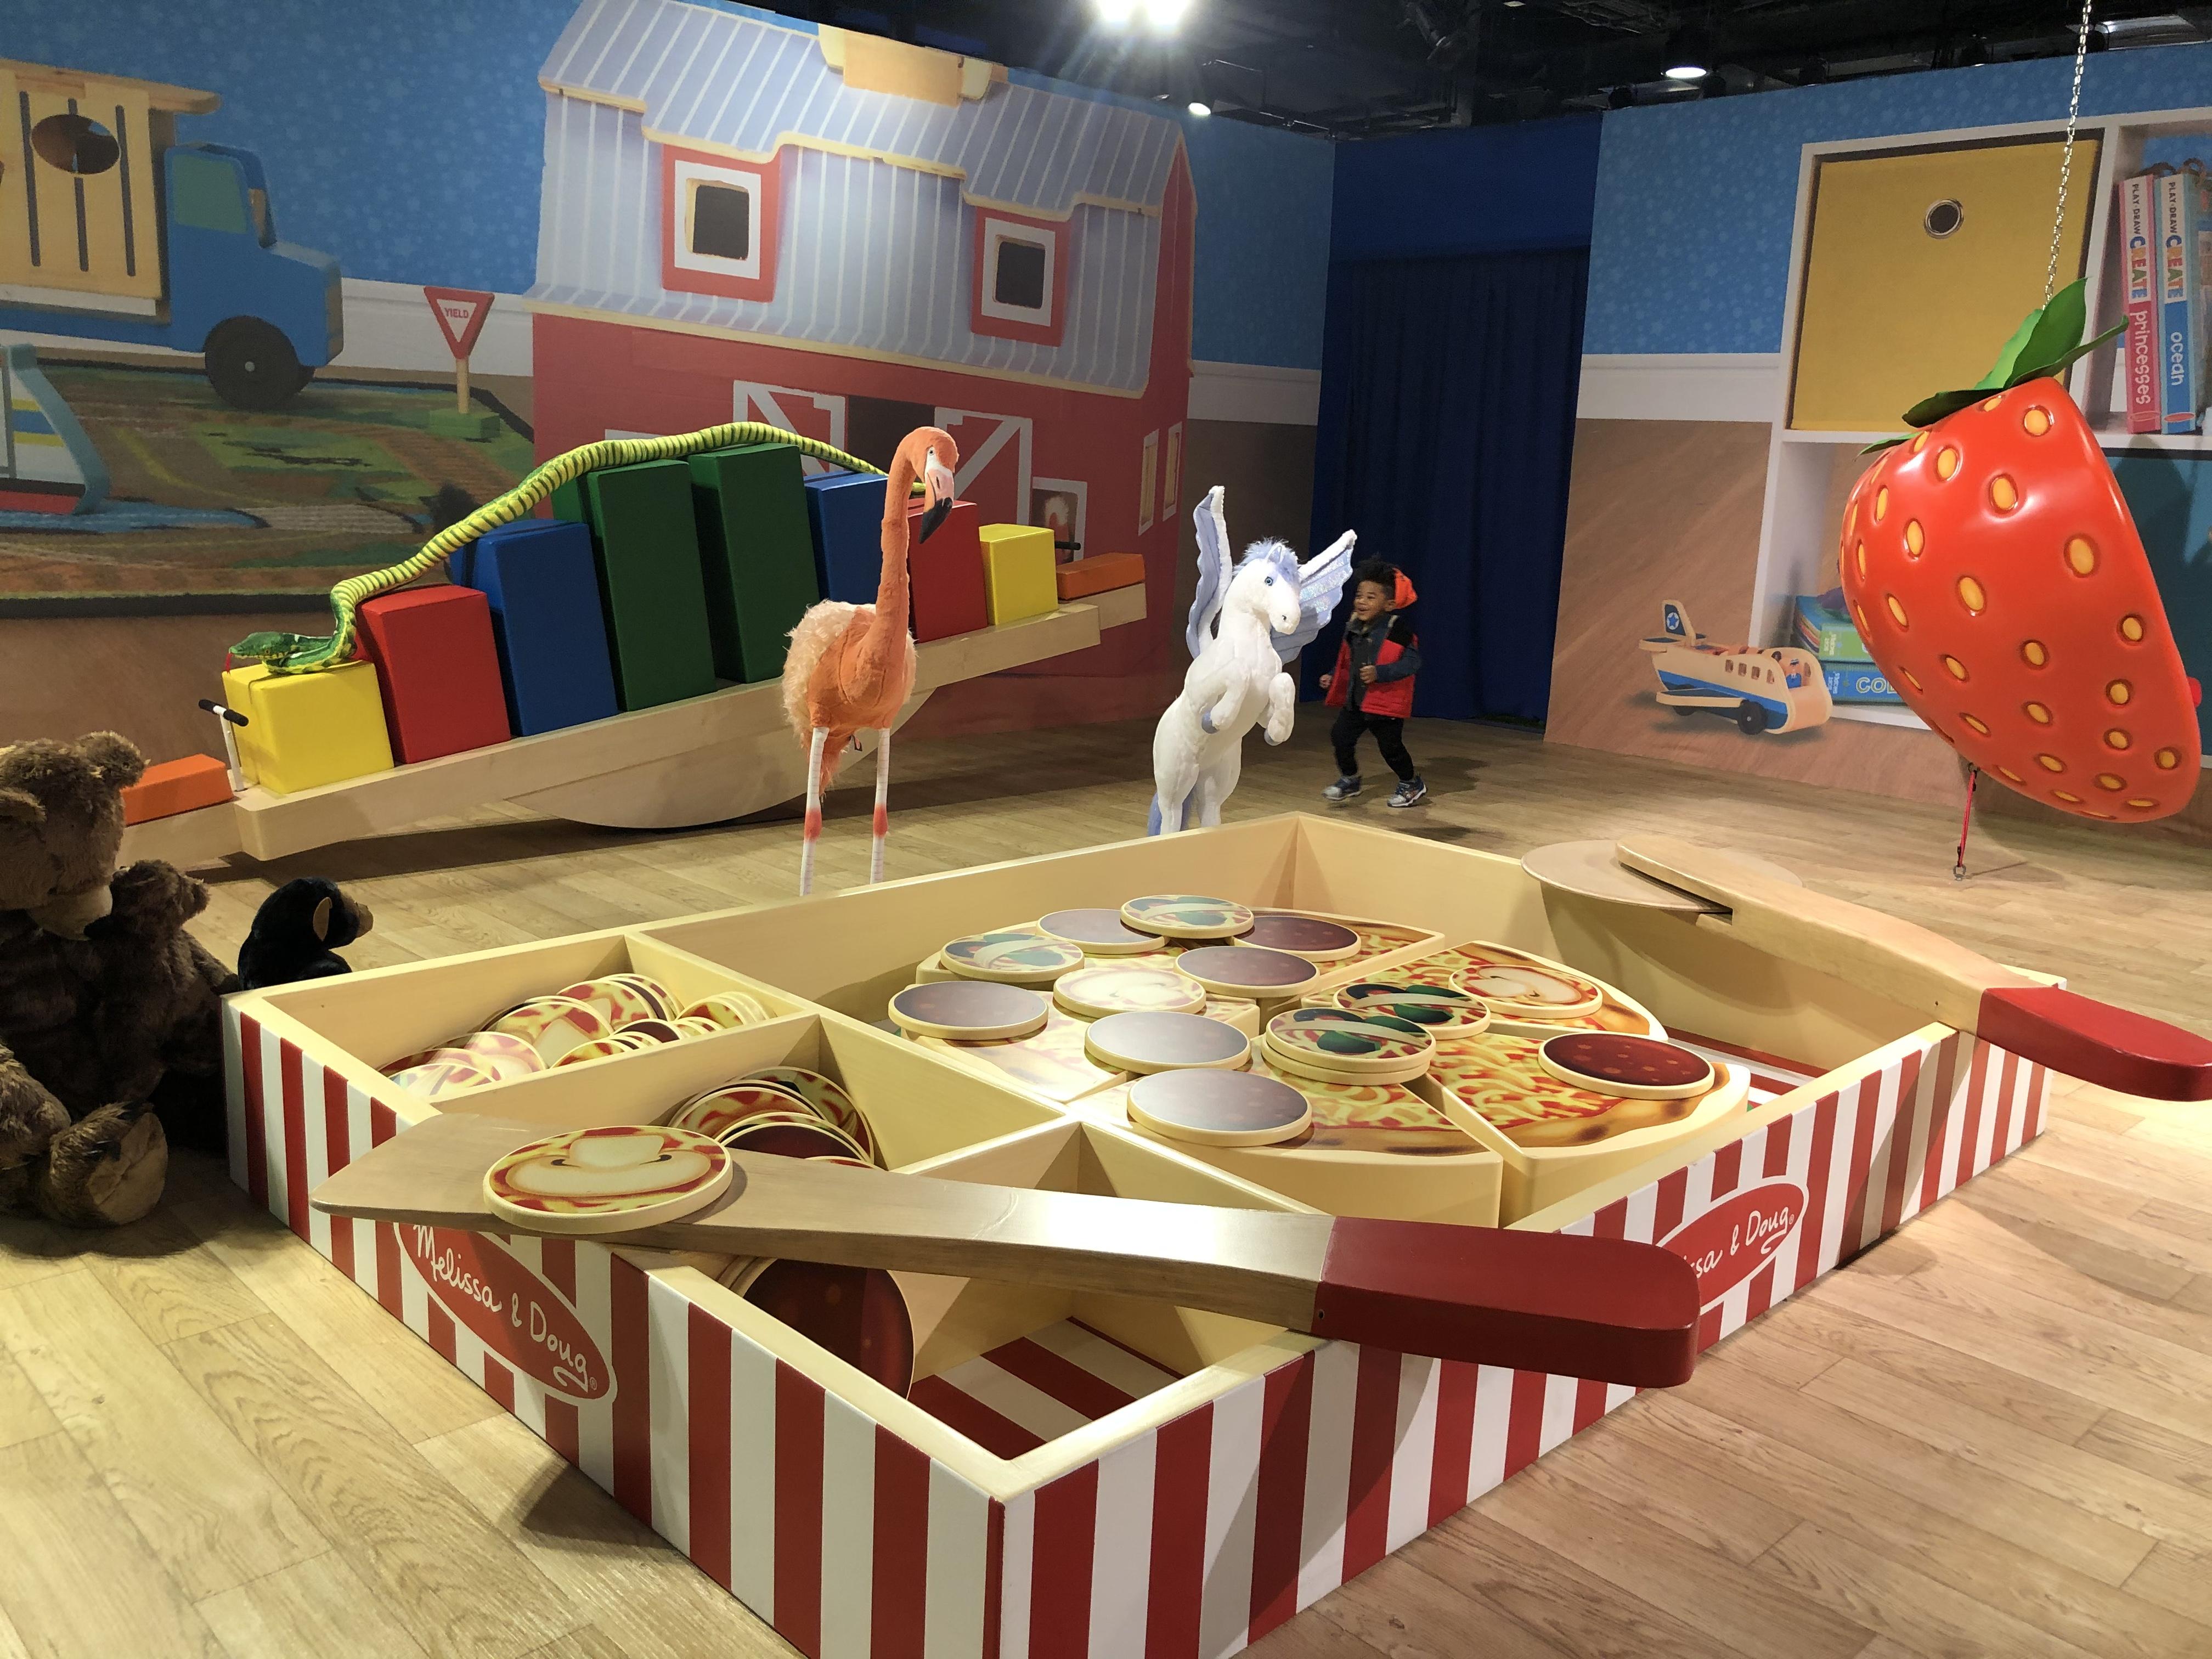 Melissa & Doug room at Toys R Us Adventure